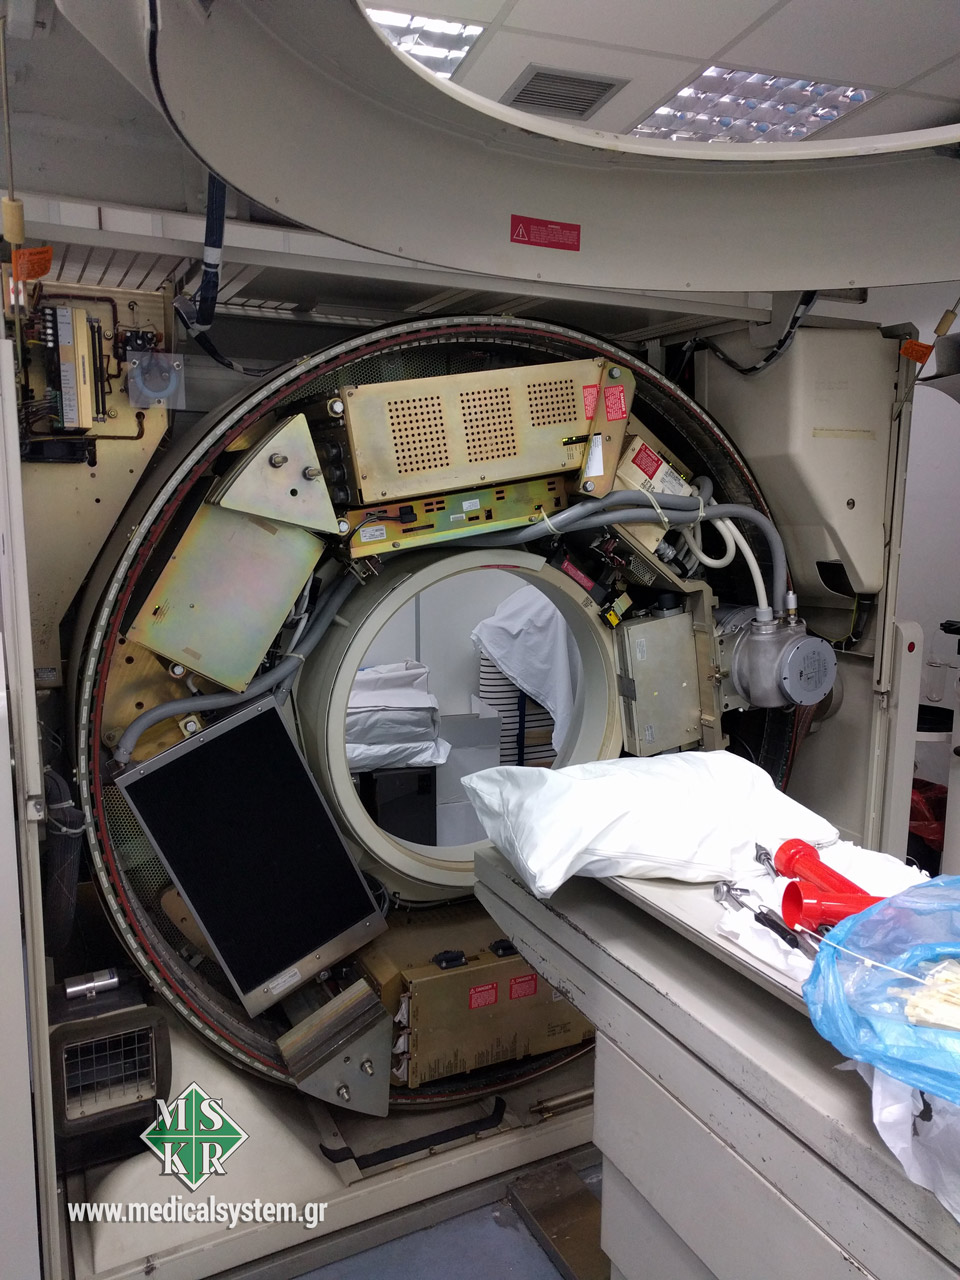 Μεταφορά αξονικού τομογράφου από την Medical Systems